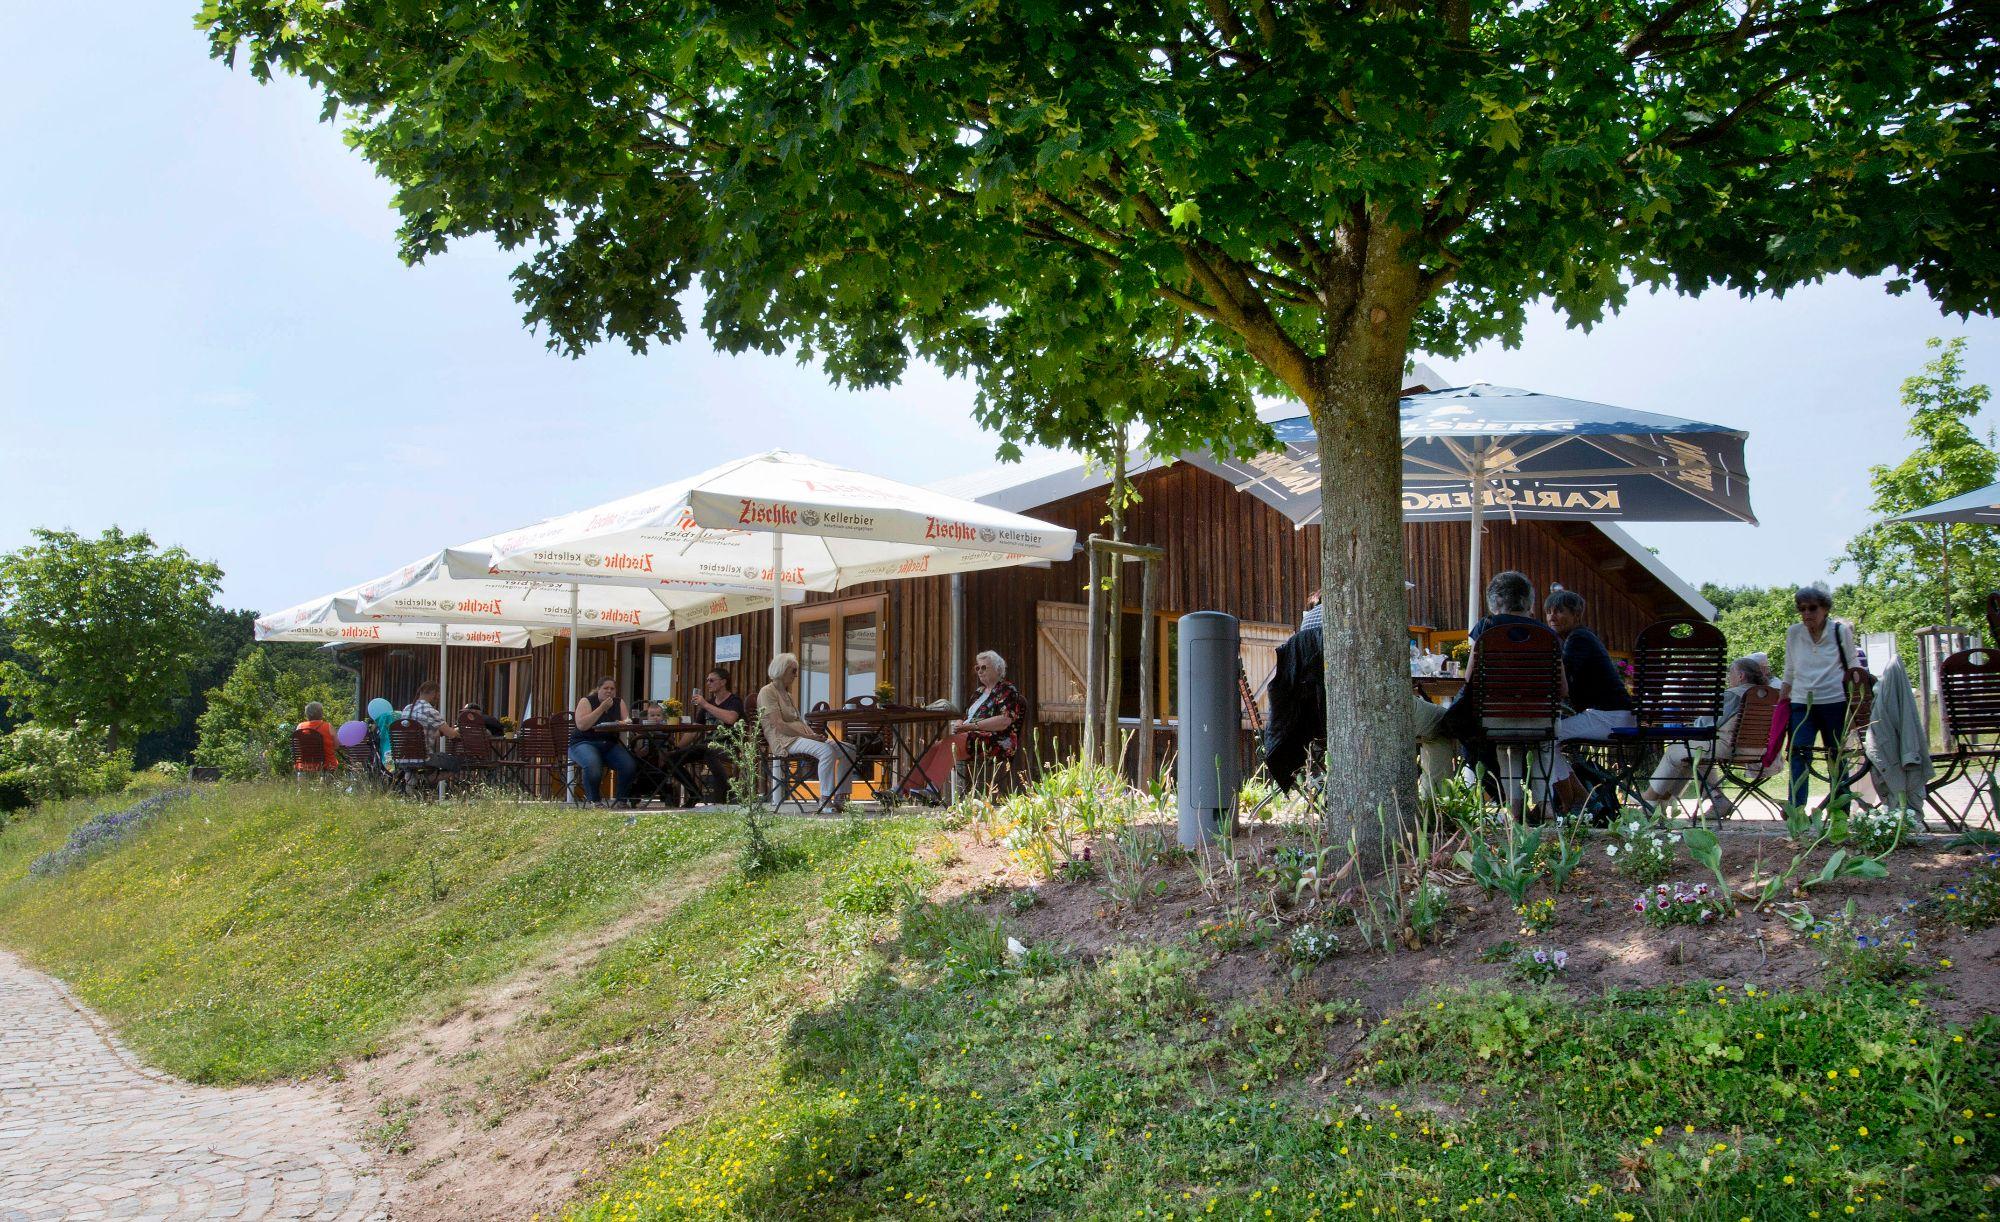 Gastronomie Gartenschau Kaiserslautern